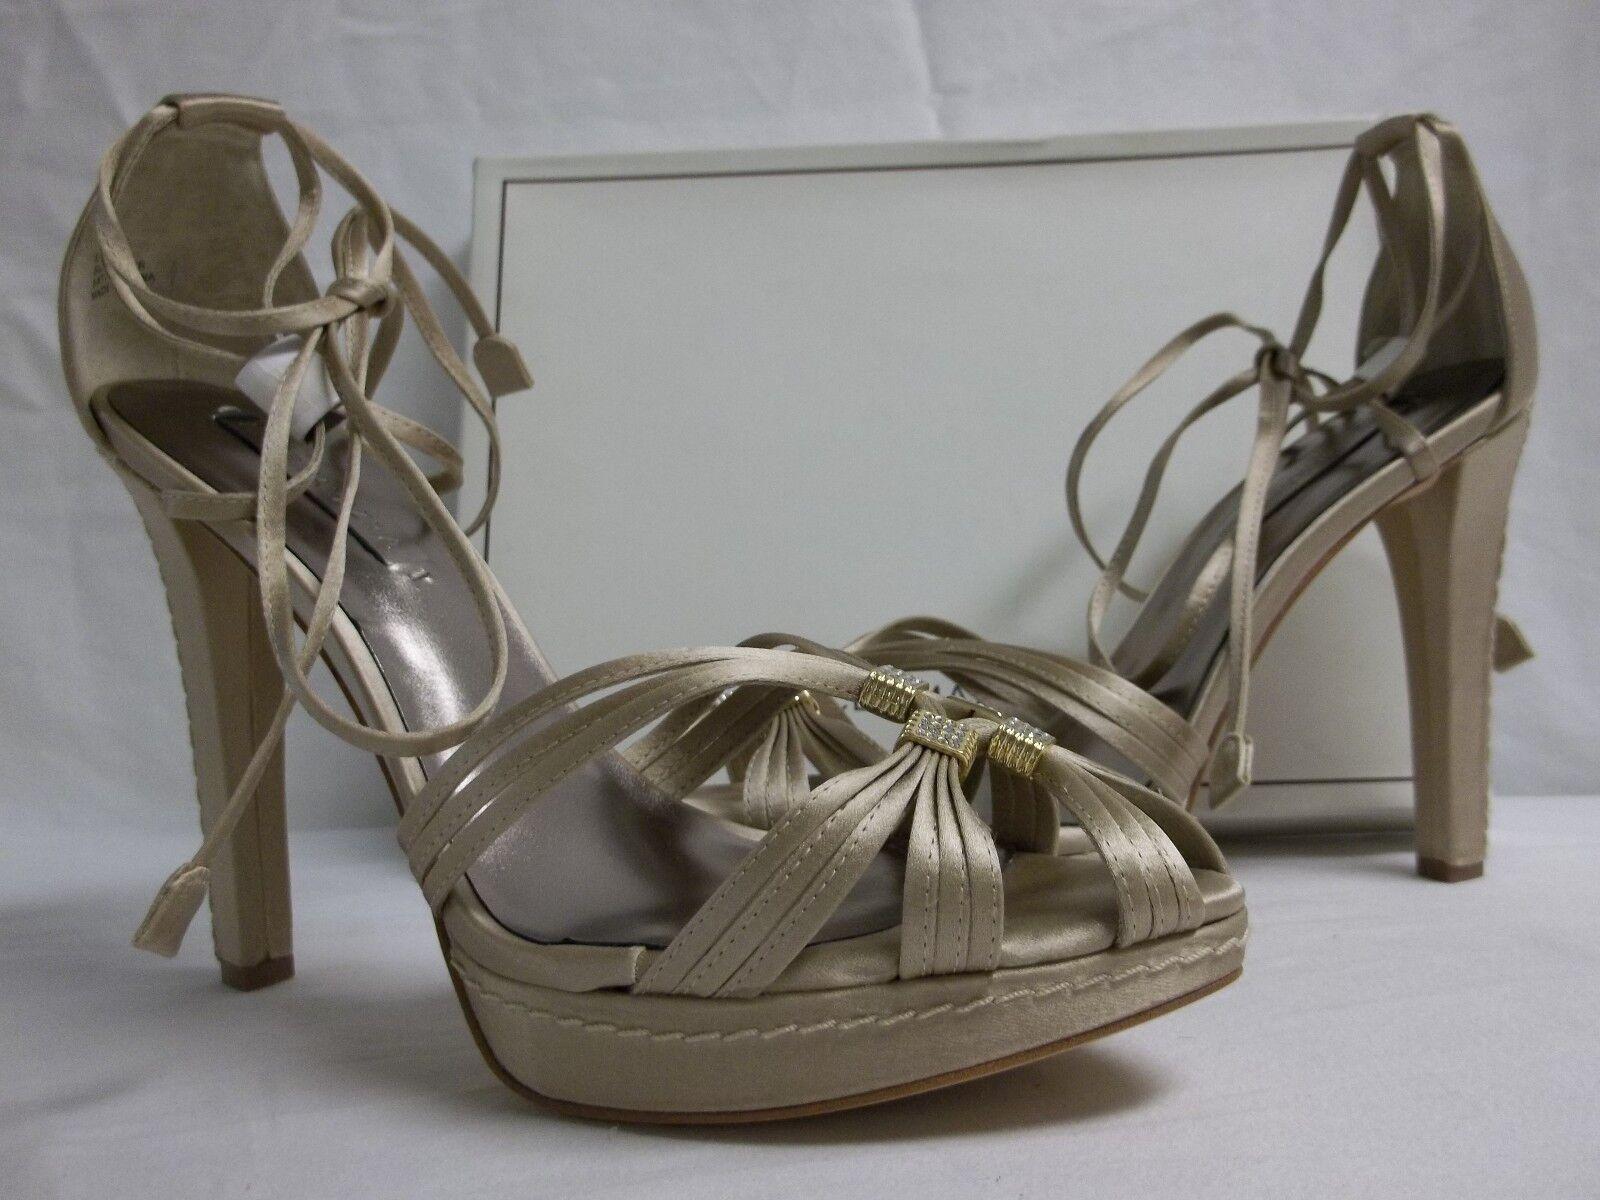 Bcbg Max Azria Talla 10 M Elise Elise Elise Champagne satén Puntera abierta Tacones nuevo Zapatos para mujer  ventas directas de fábrica